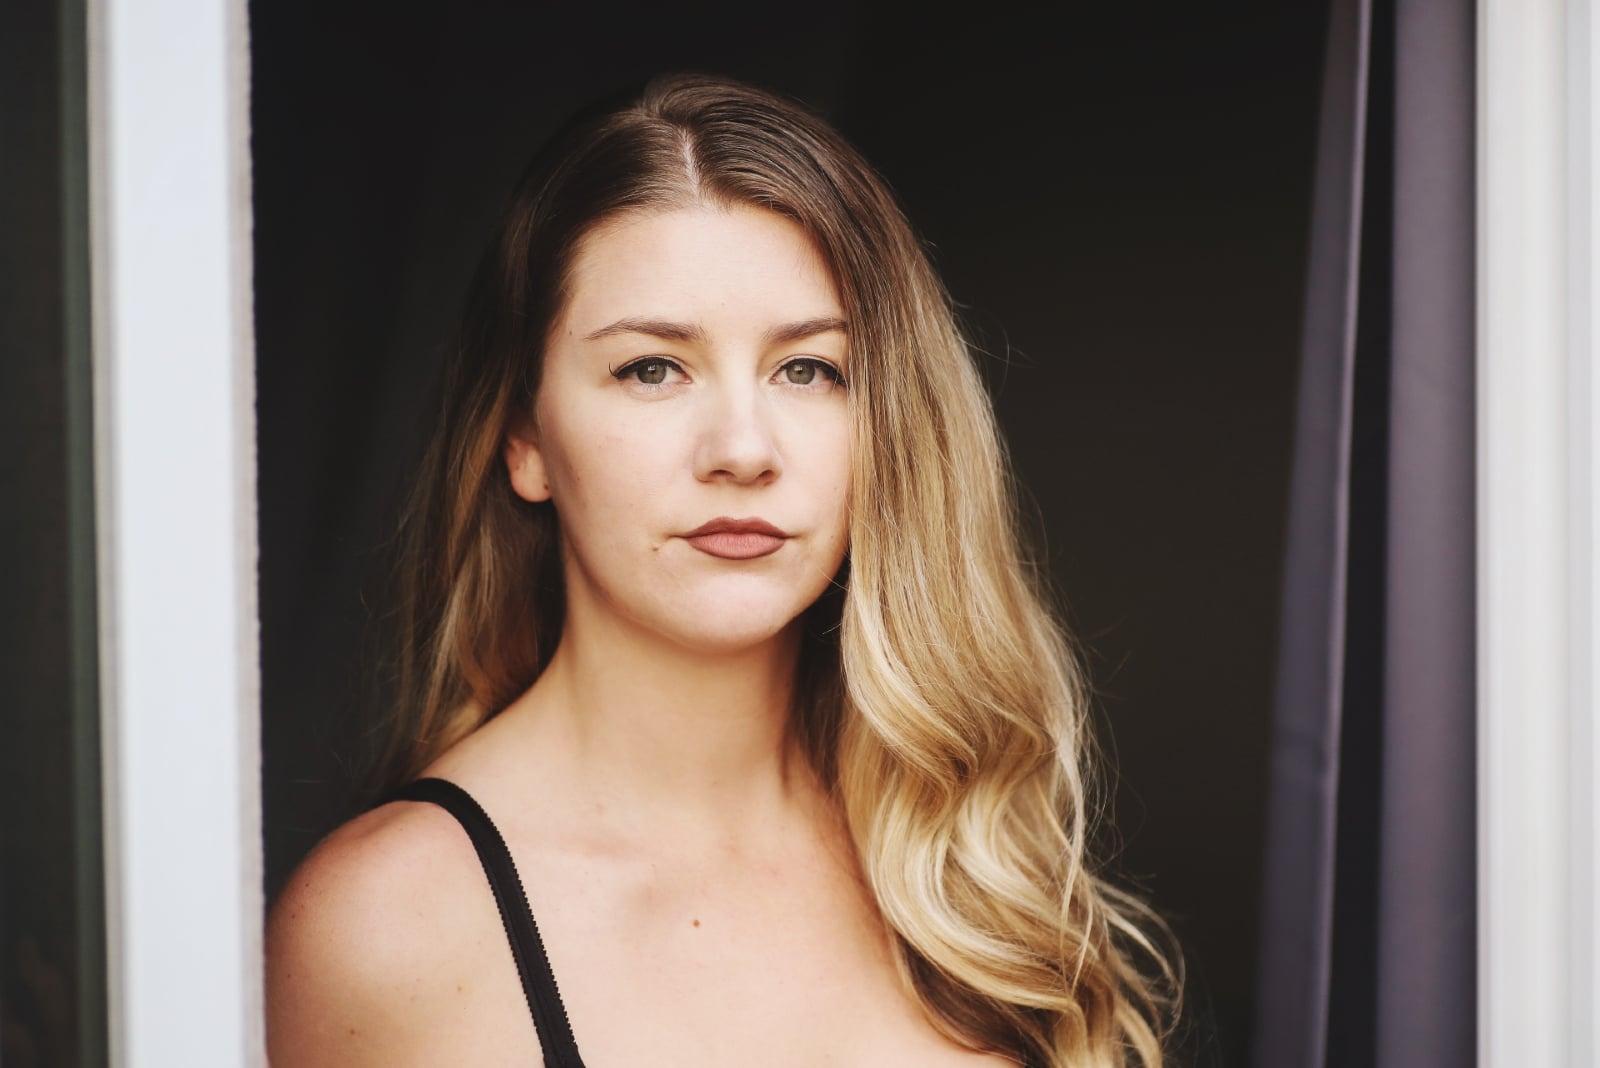 blonde woman in black top standing near door